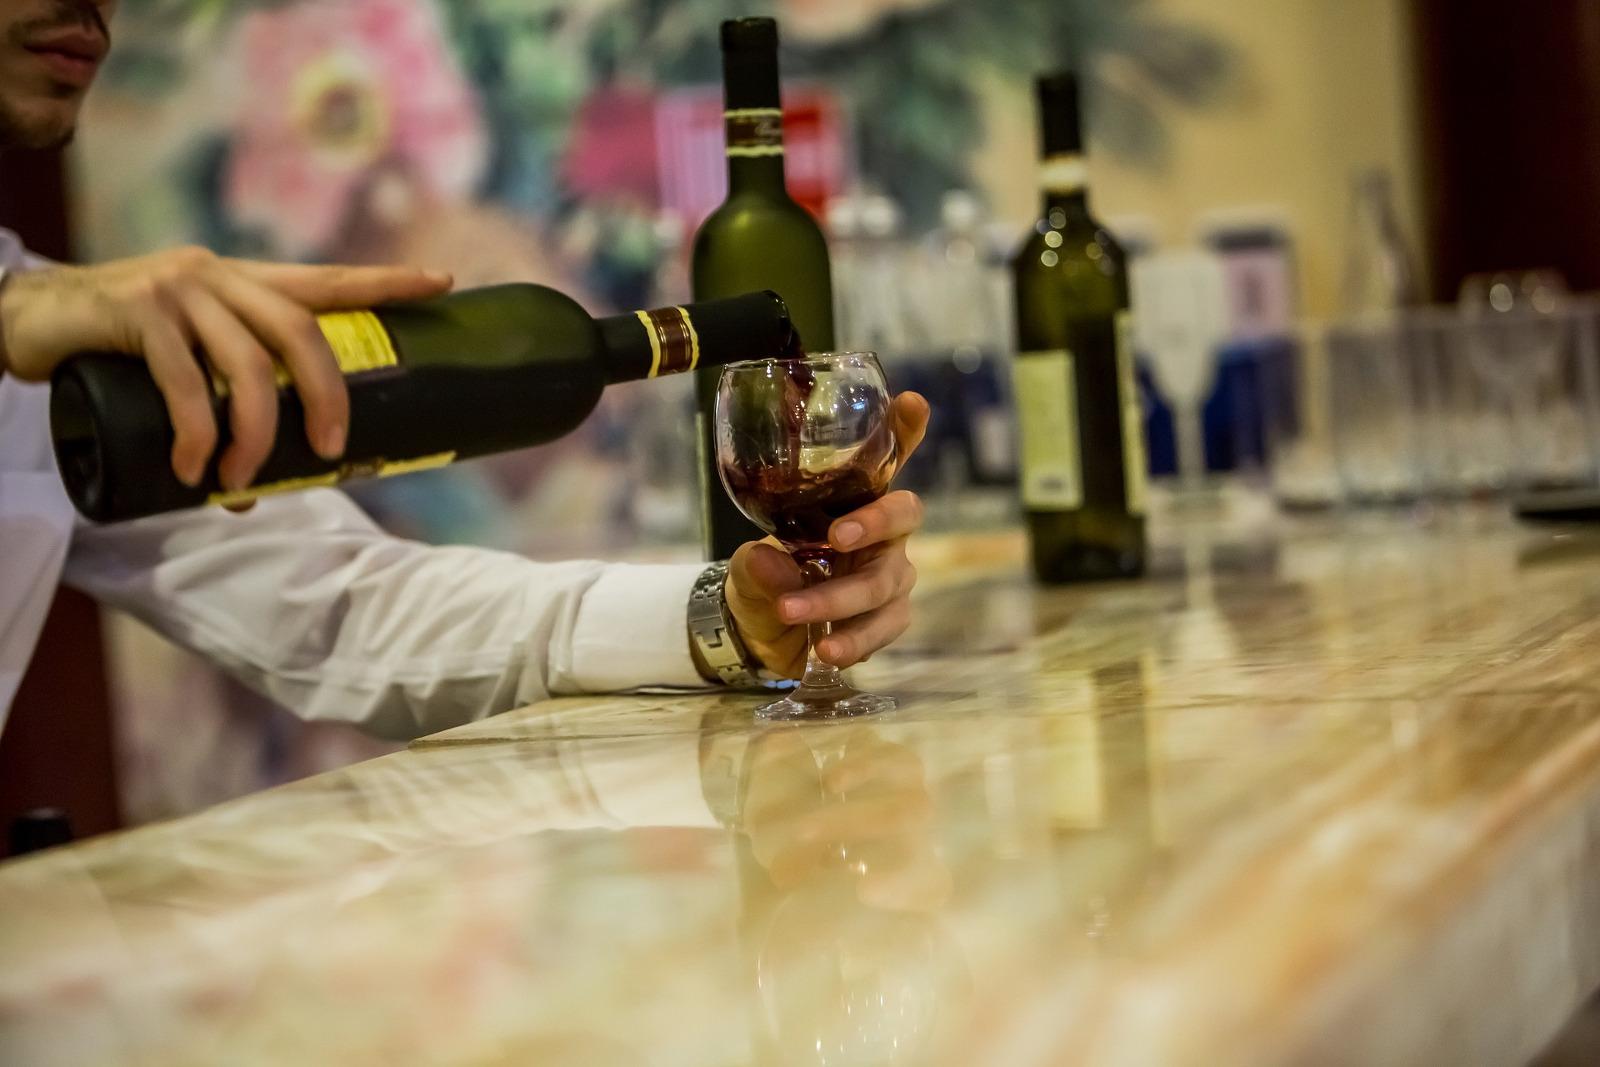 Perché si batte il bicchiere sul bancone del bar?